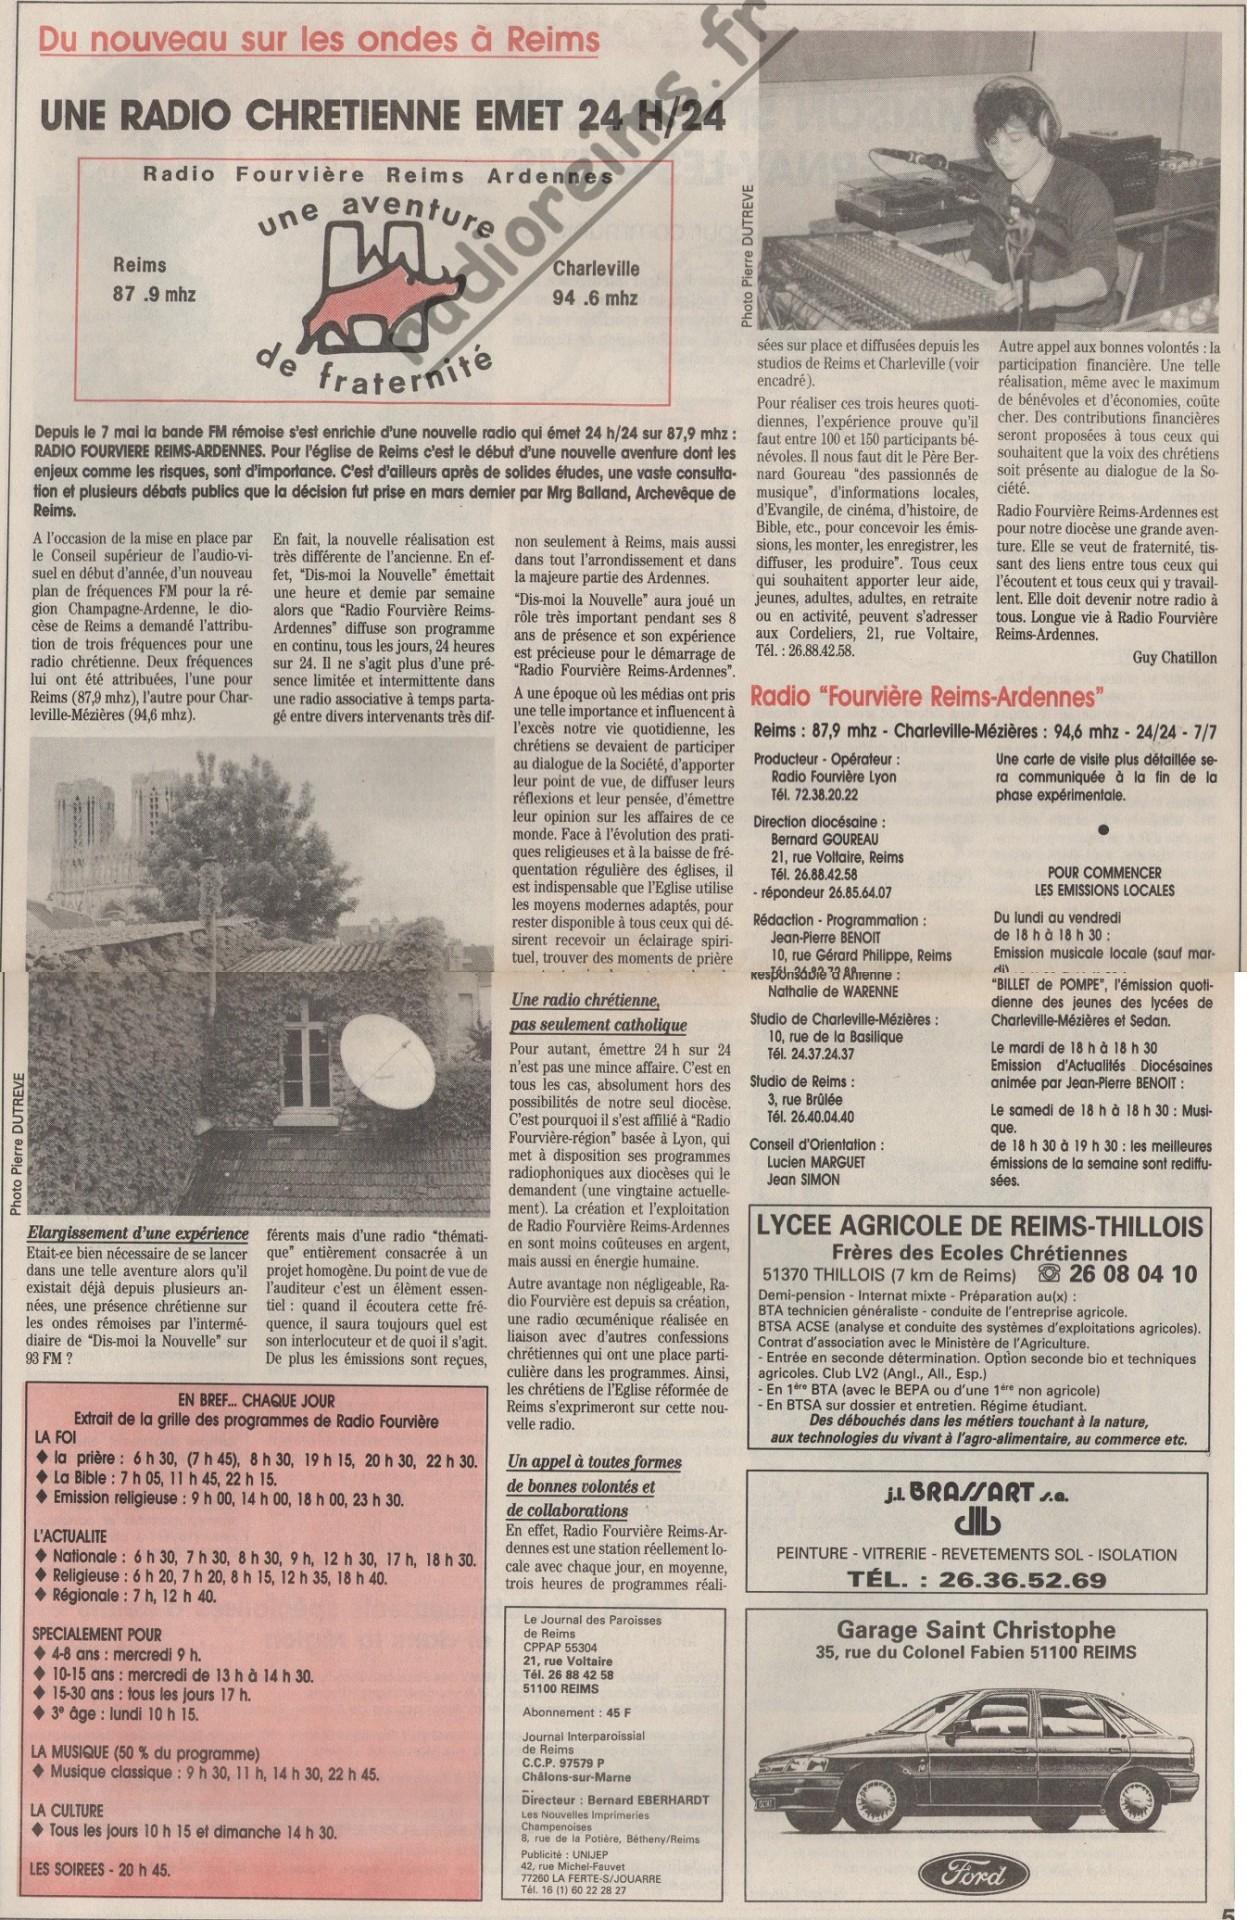 Naissance de Radio Fourvière 1991